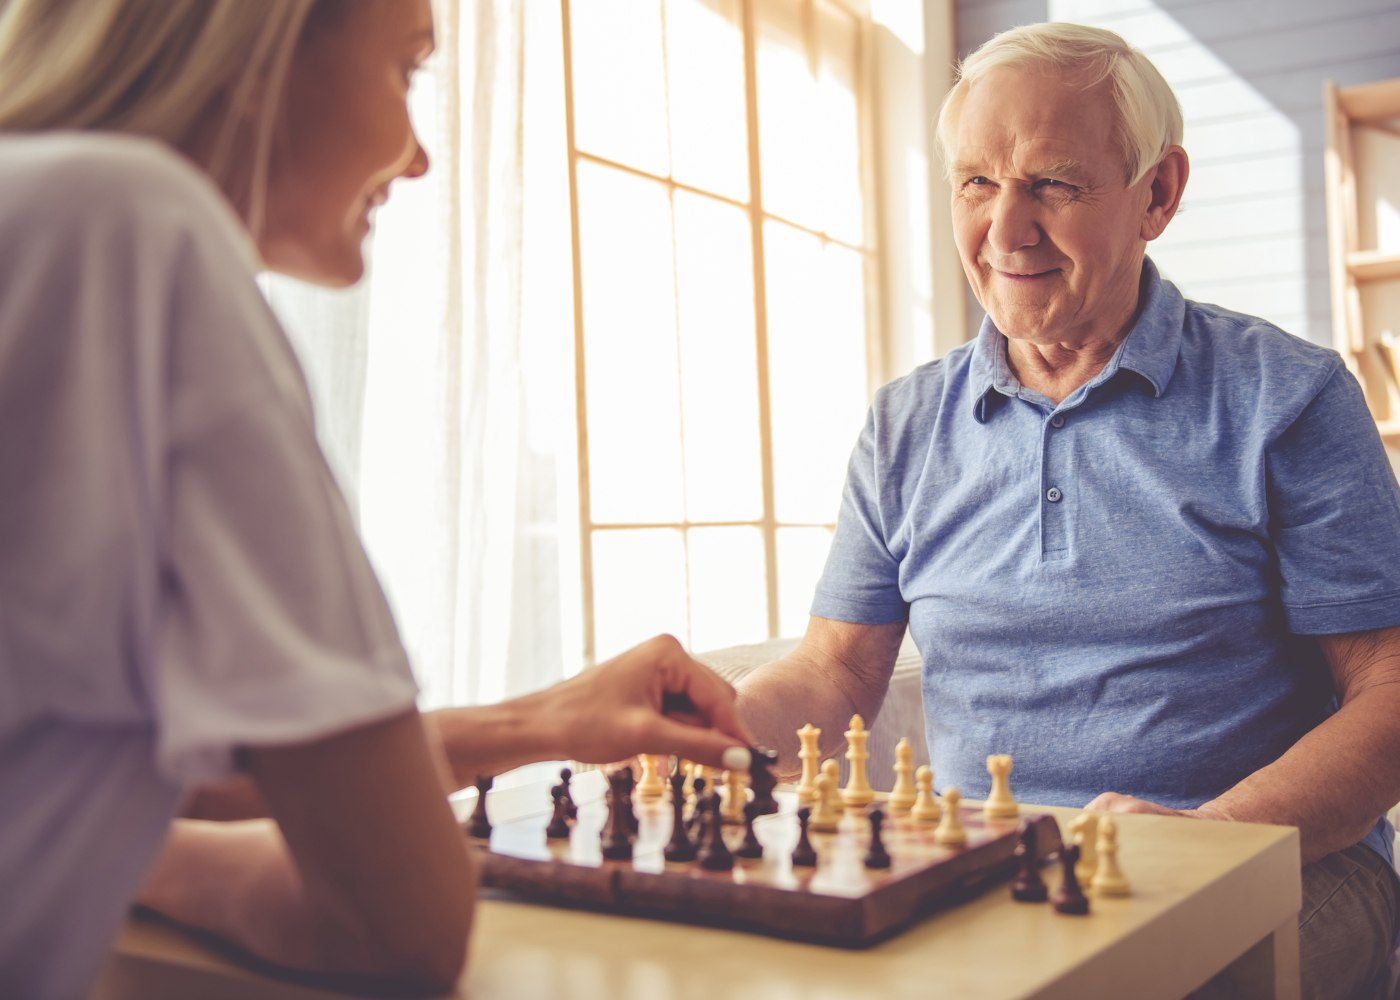 cuidadora a jogar xadrez com idoso